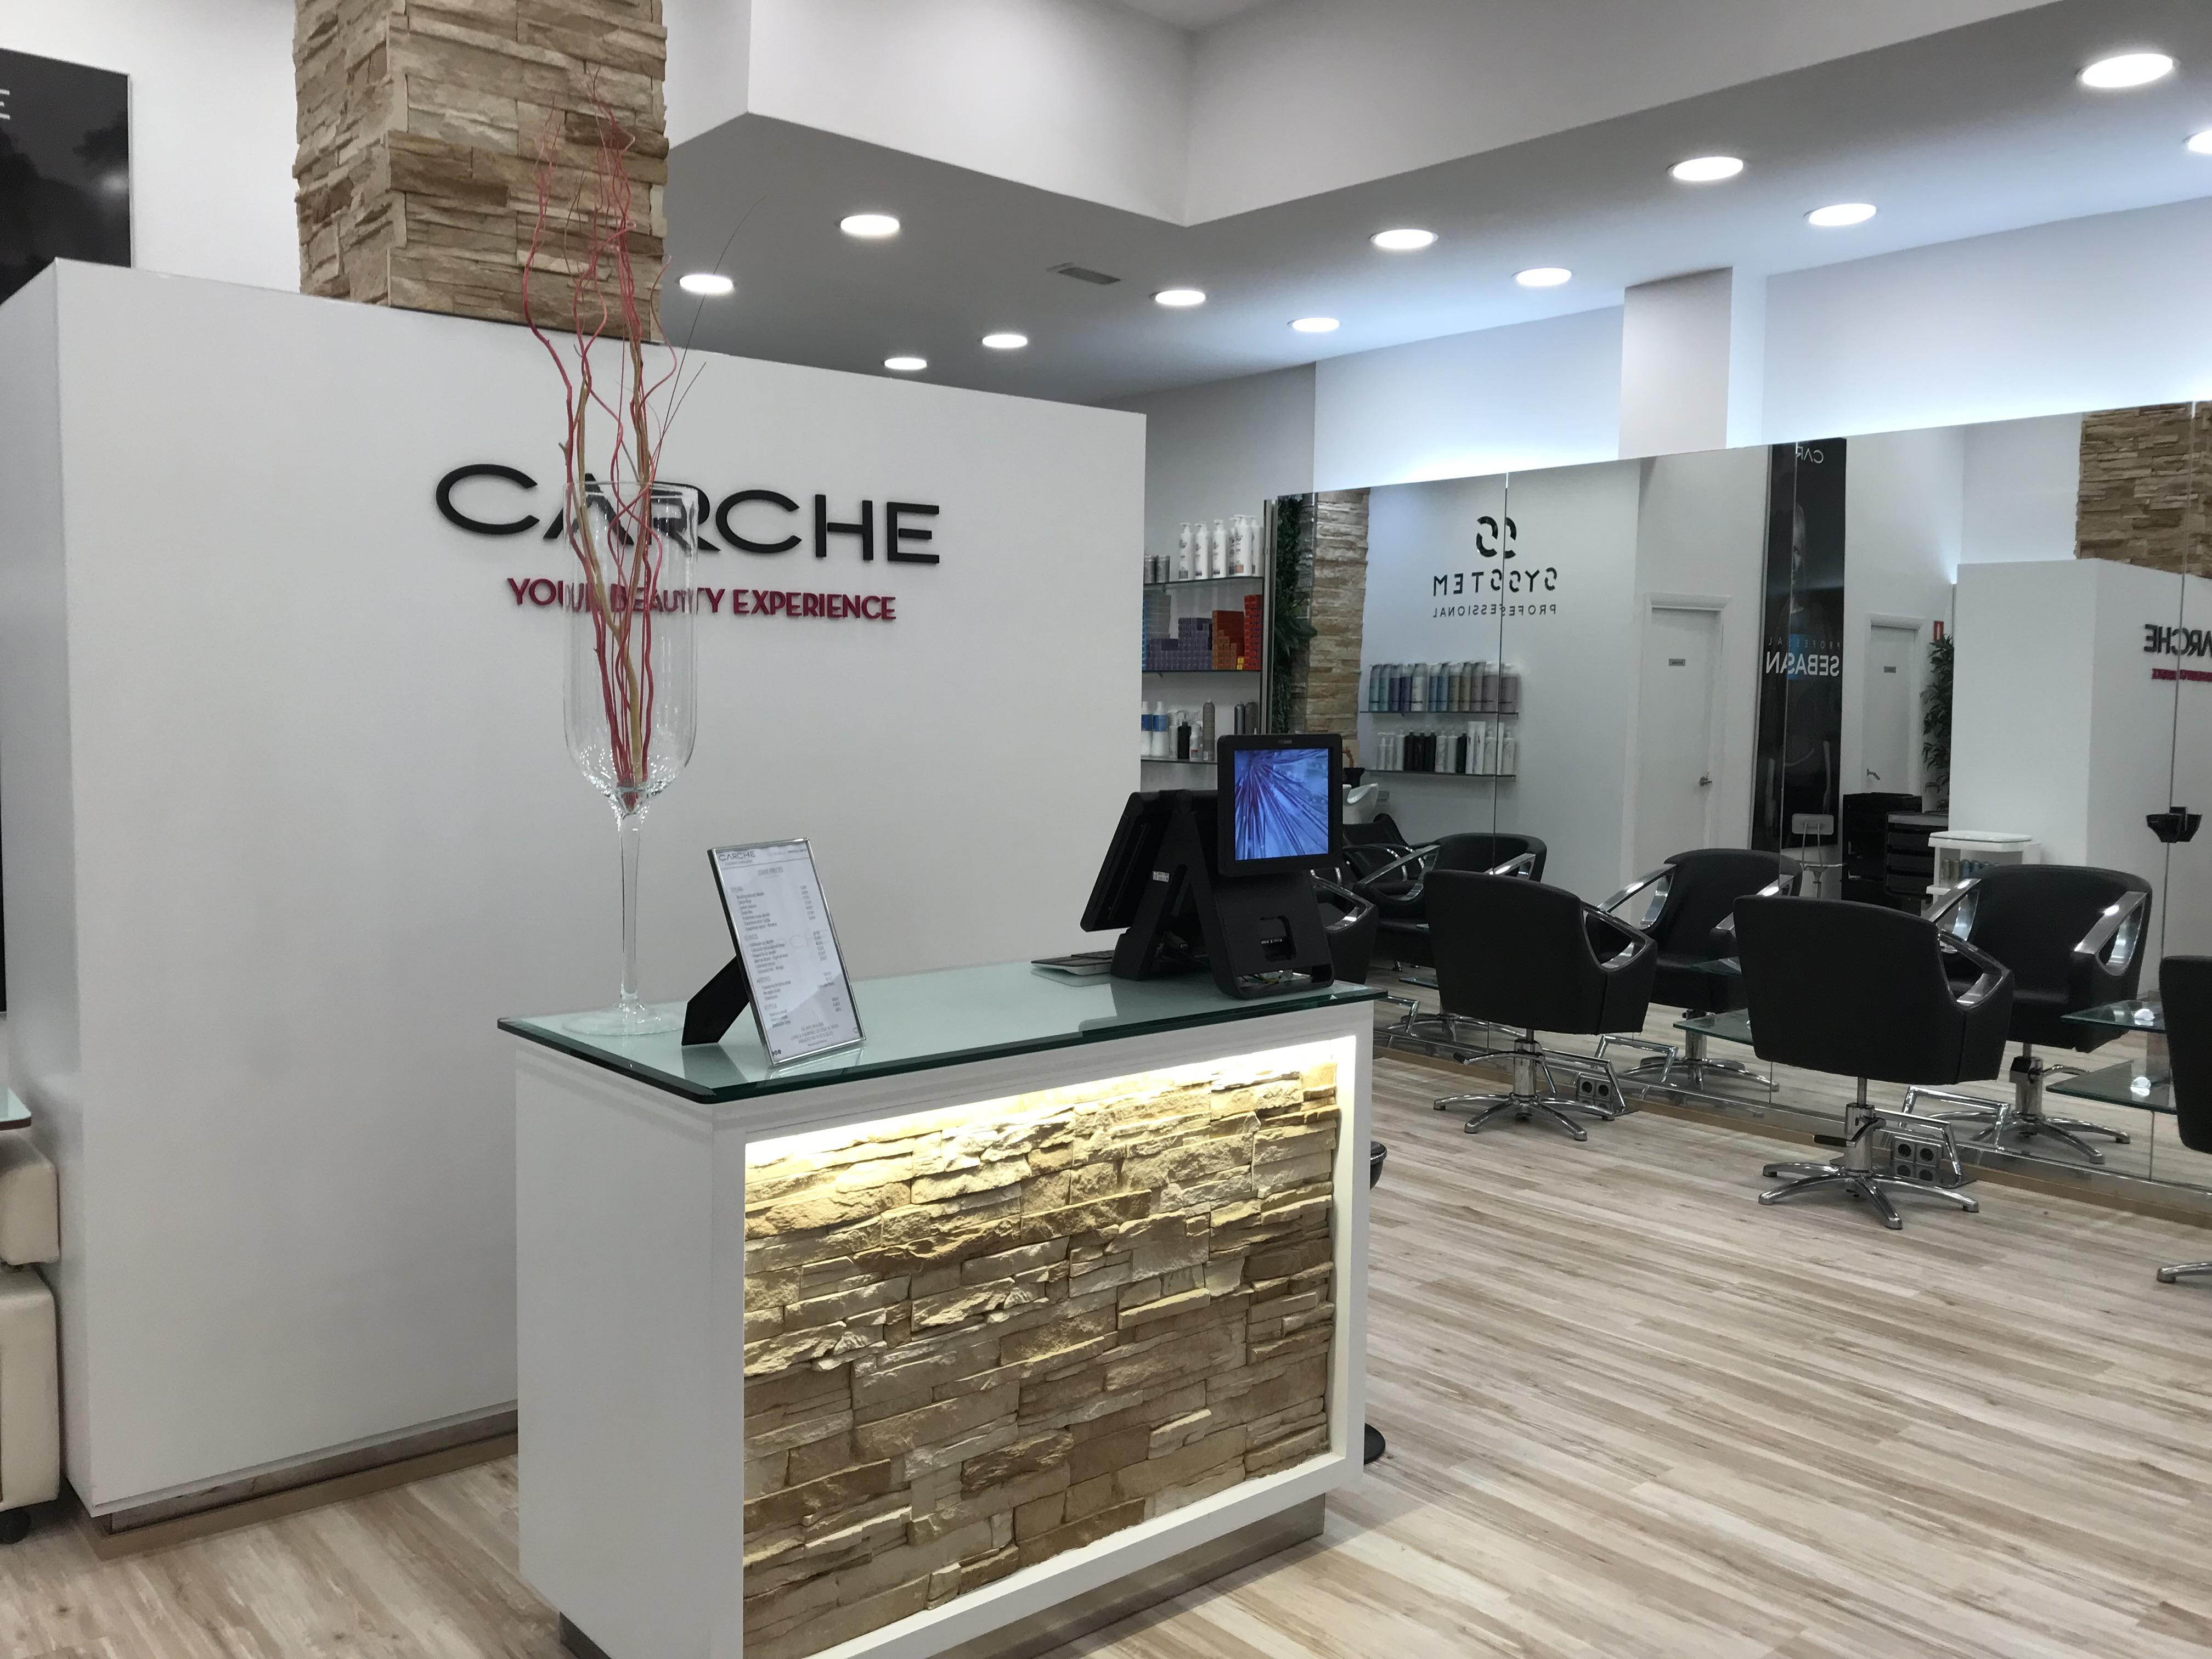 salon-peluqueria-carche2